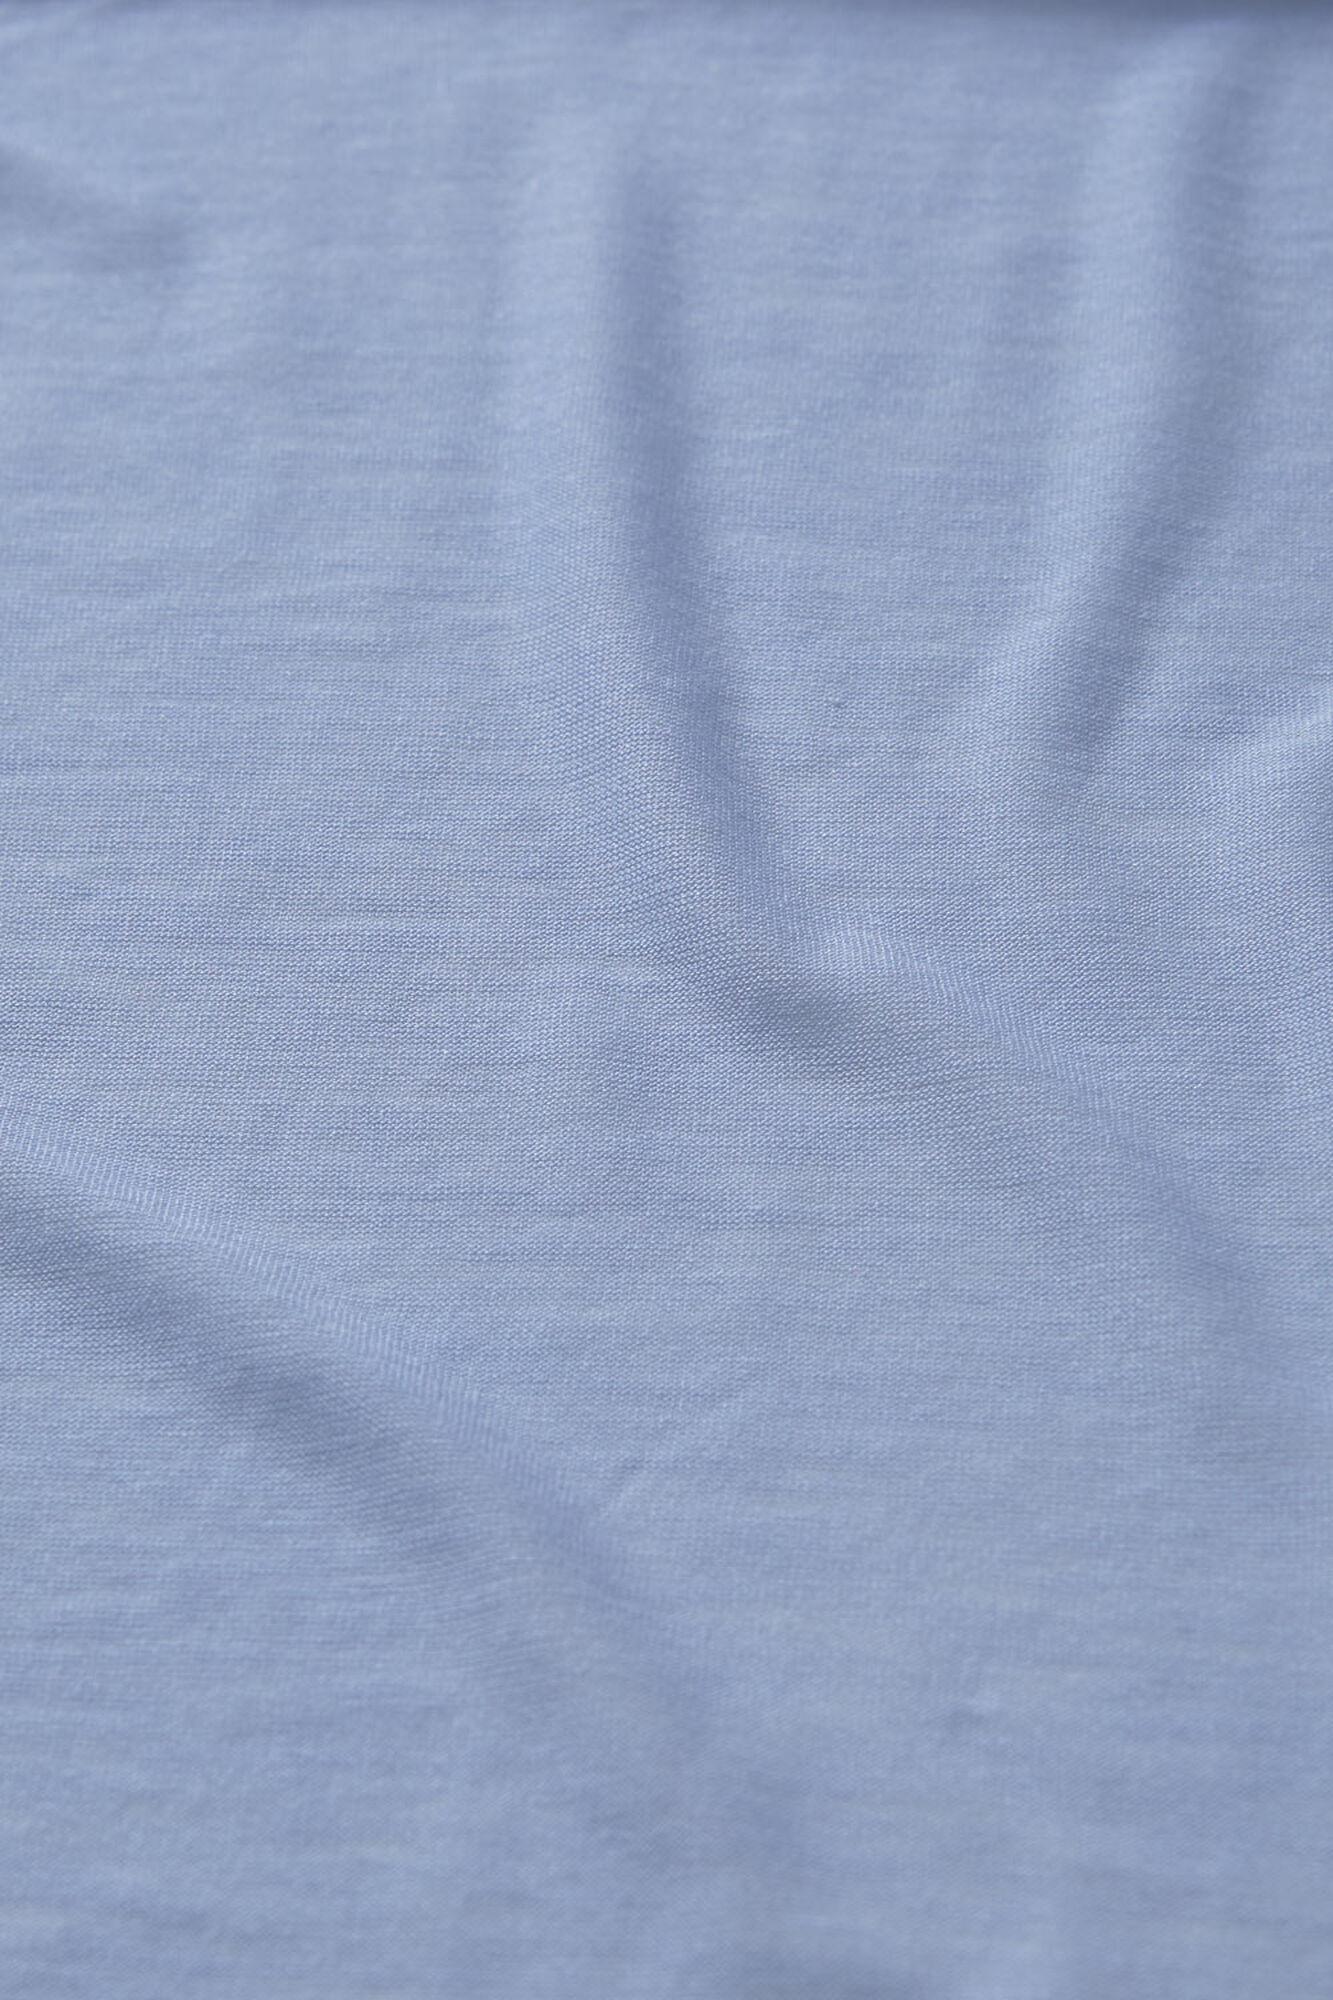 AMEGA SCARF, Brunnera Blue, hi-res